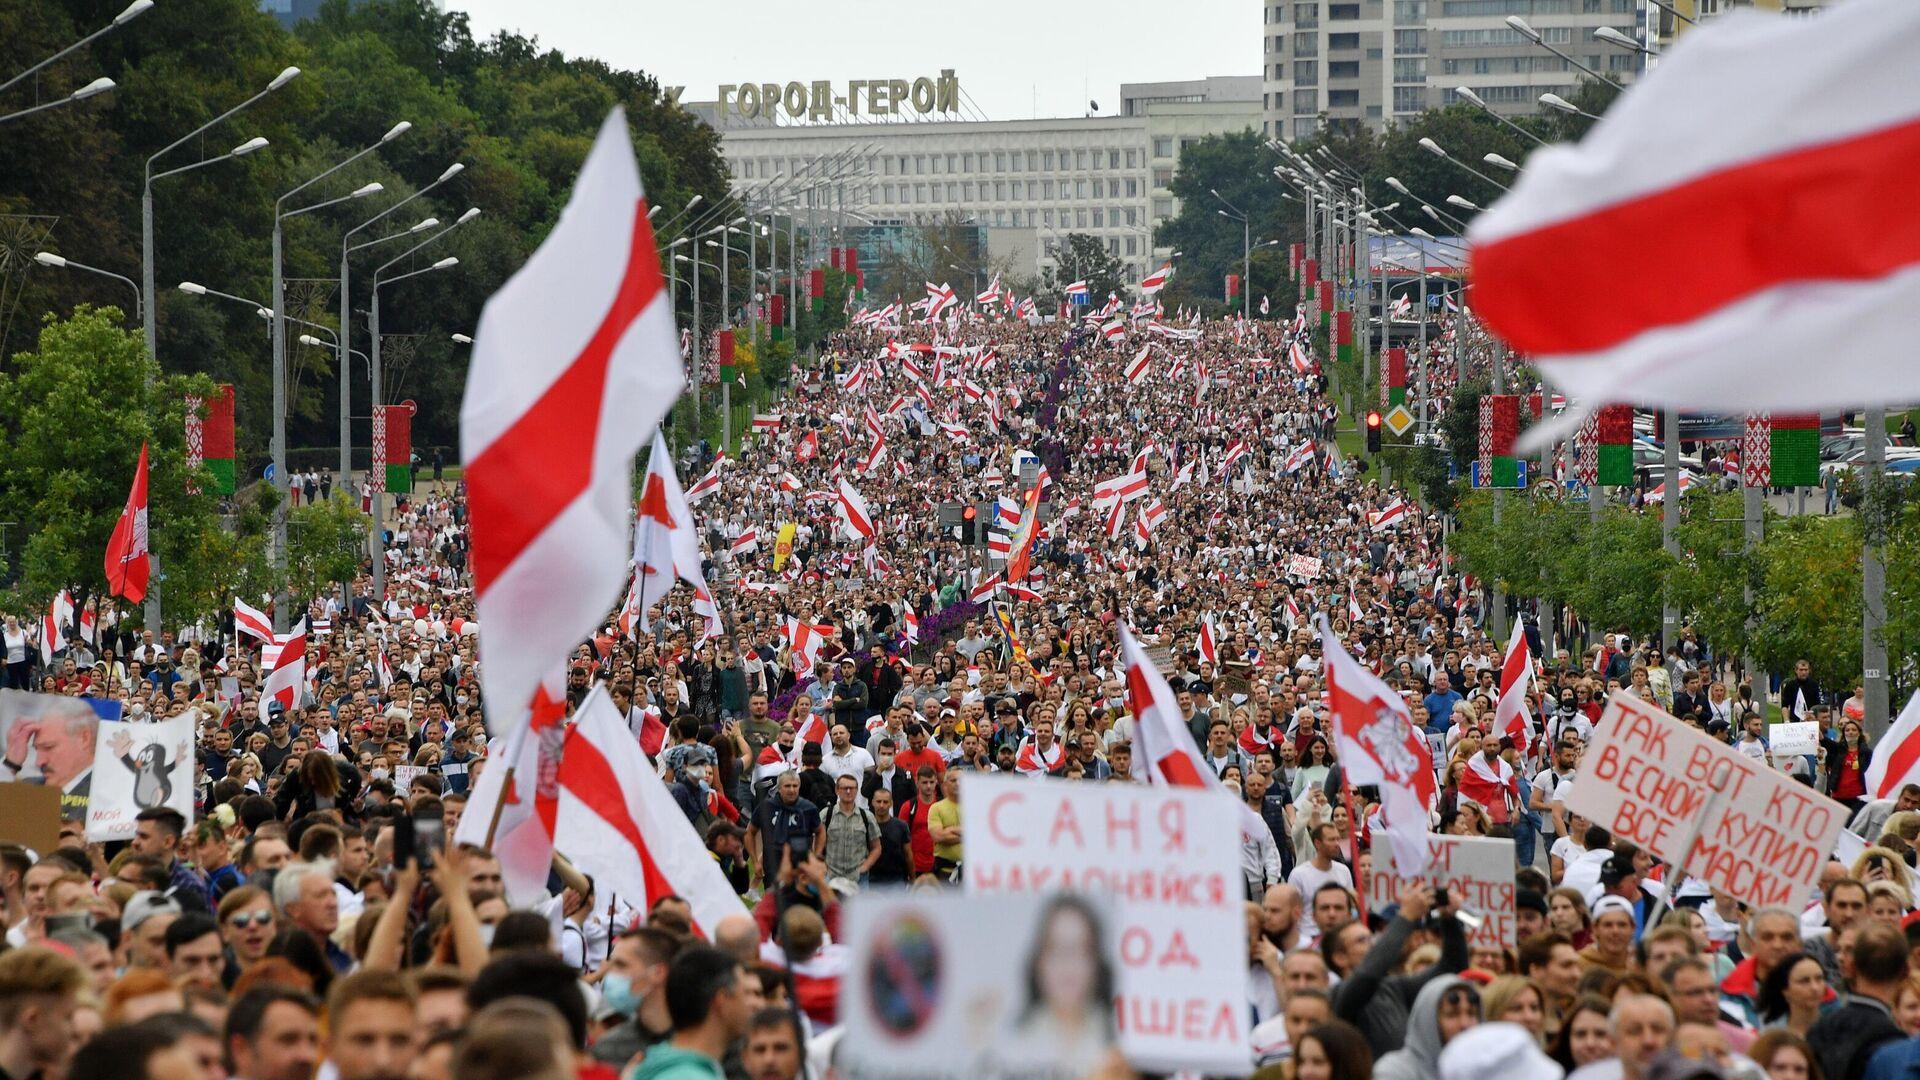 Участники несанкционированной акции оппозиции Марш единства в Минске - РИА Новости, 1920, 18.09.2020